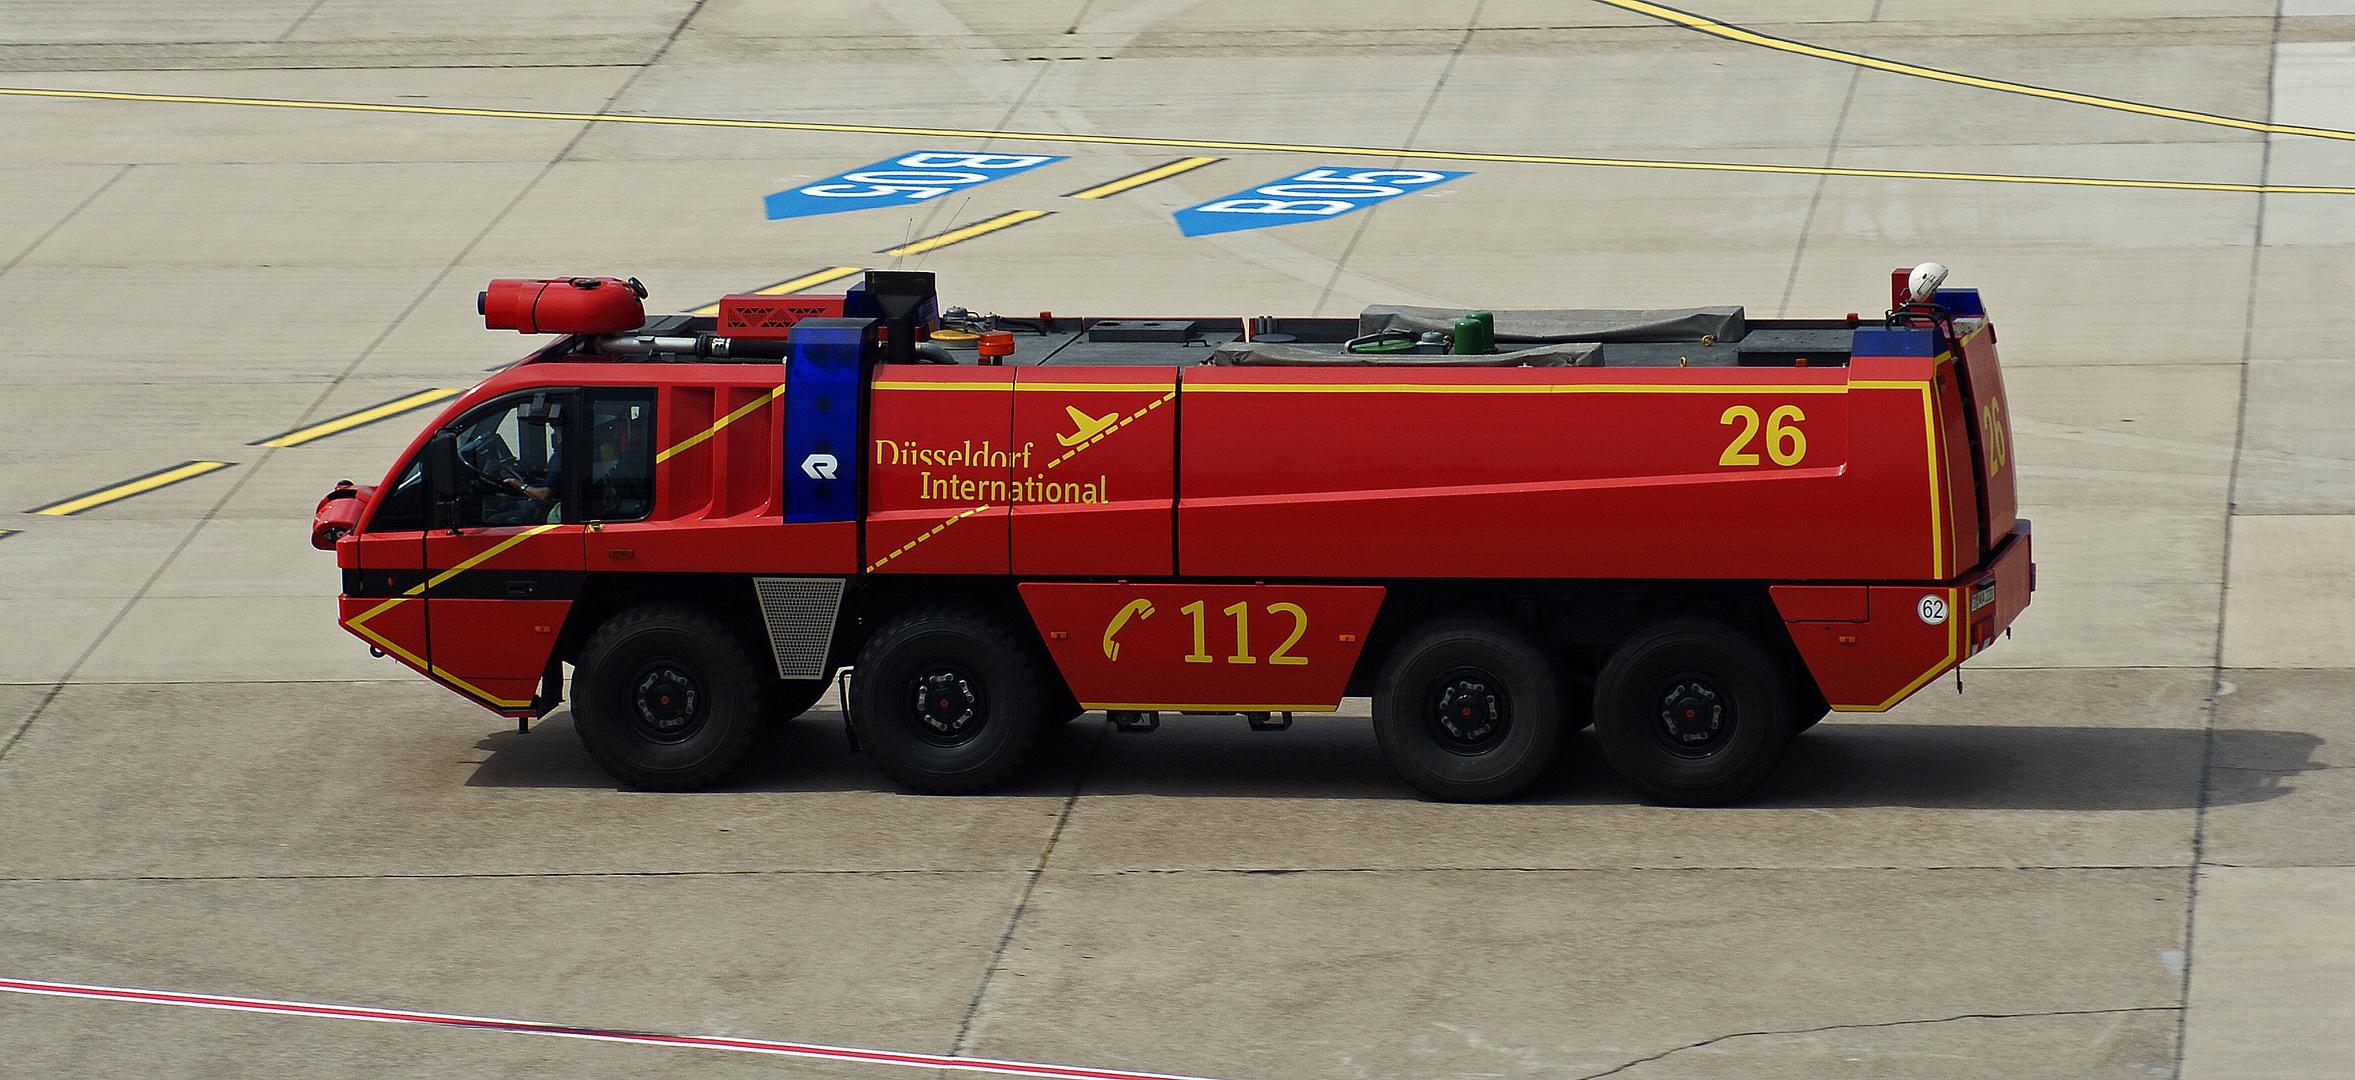 Flughafenfeuerwehr Düsseldorf